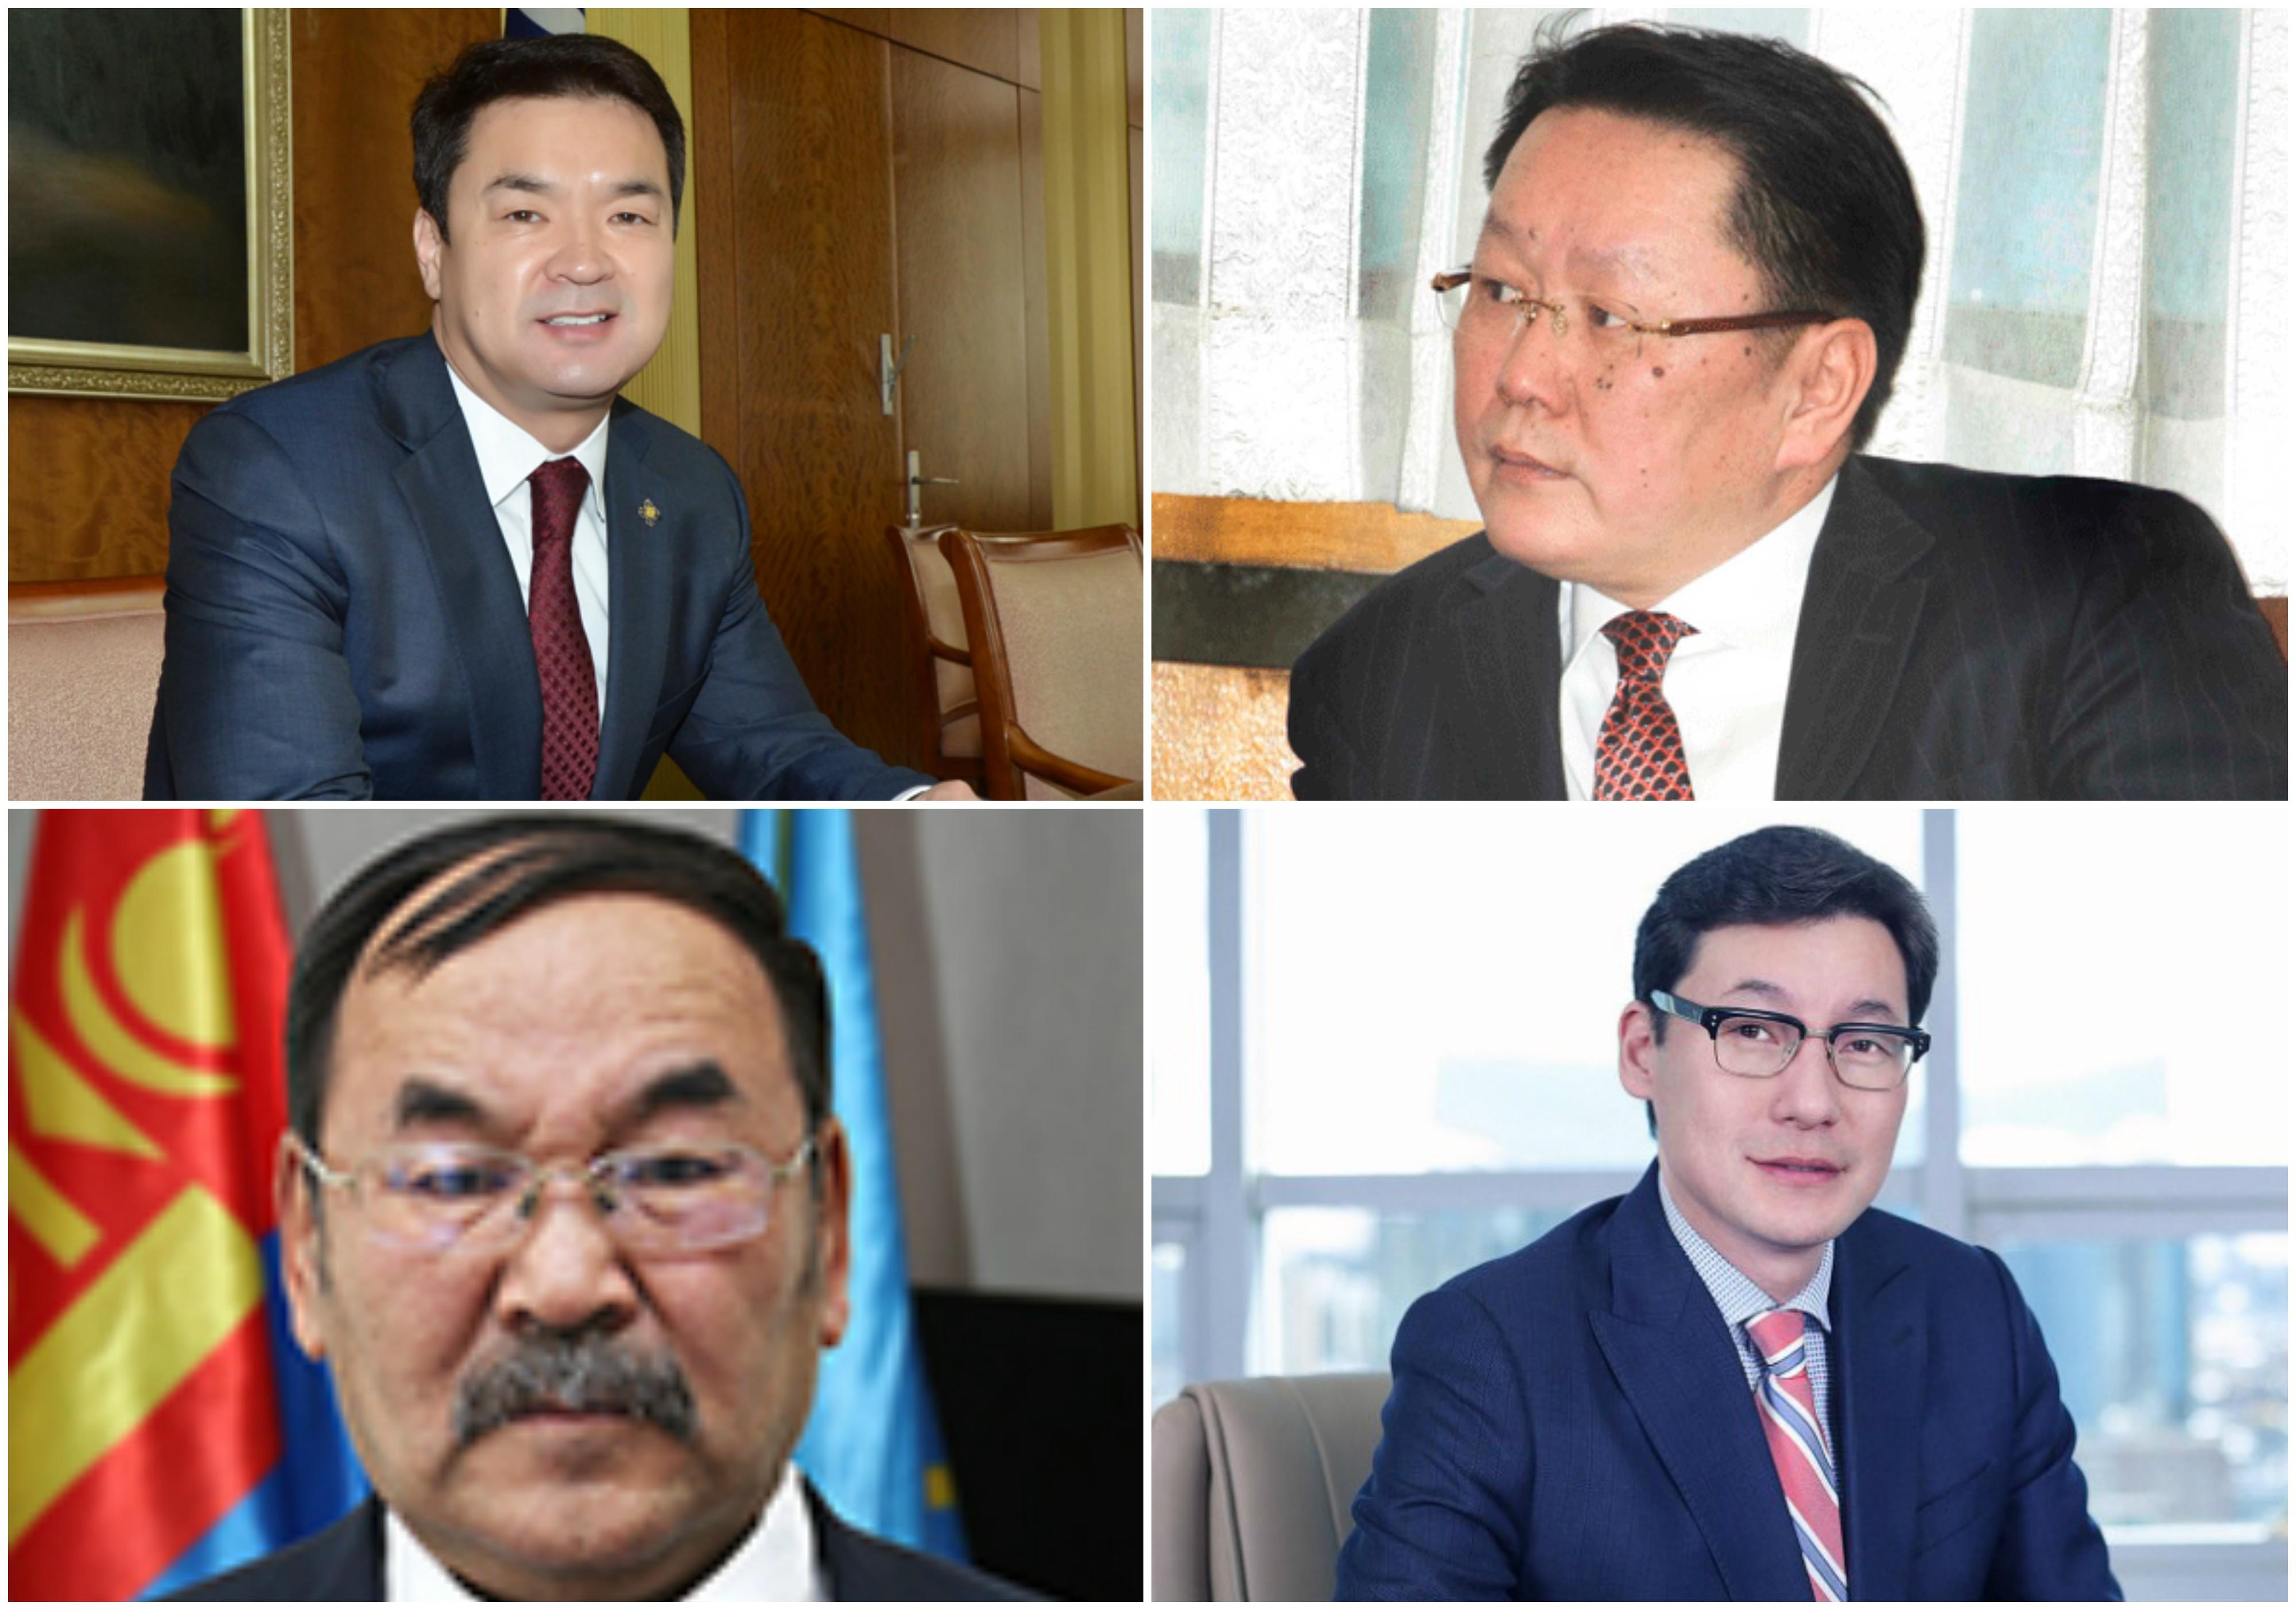 Засгийн газар, Монголбанк, Худалдаа хөгжлийн болон Улаанбаатар банкны удирдлагуудад хариуцлага тооцно